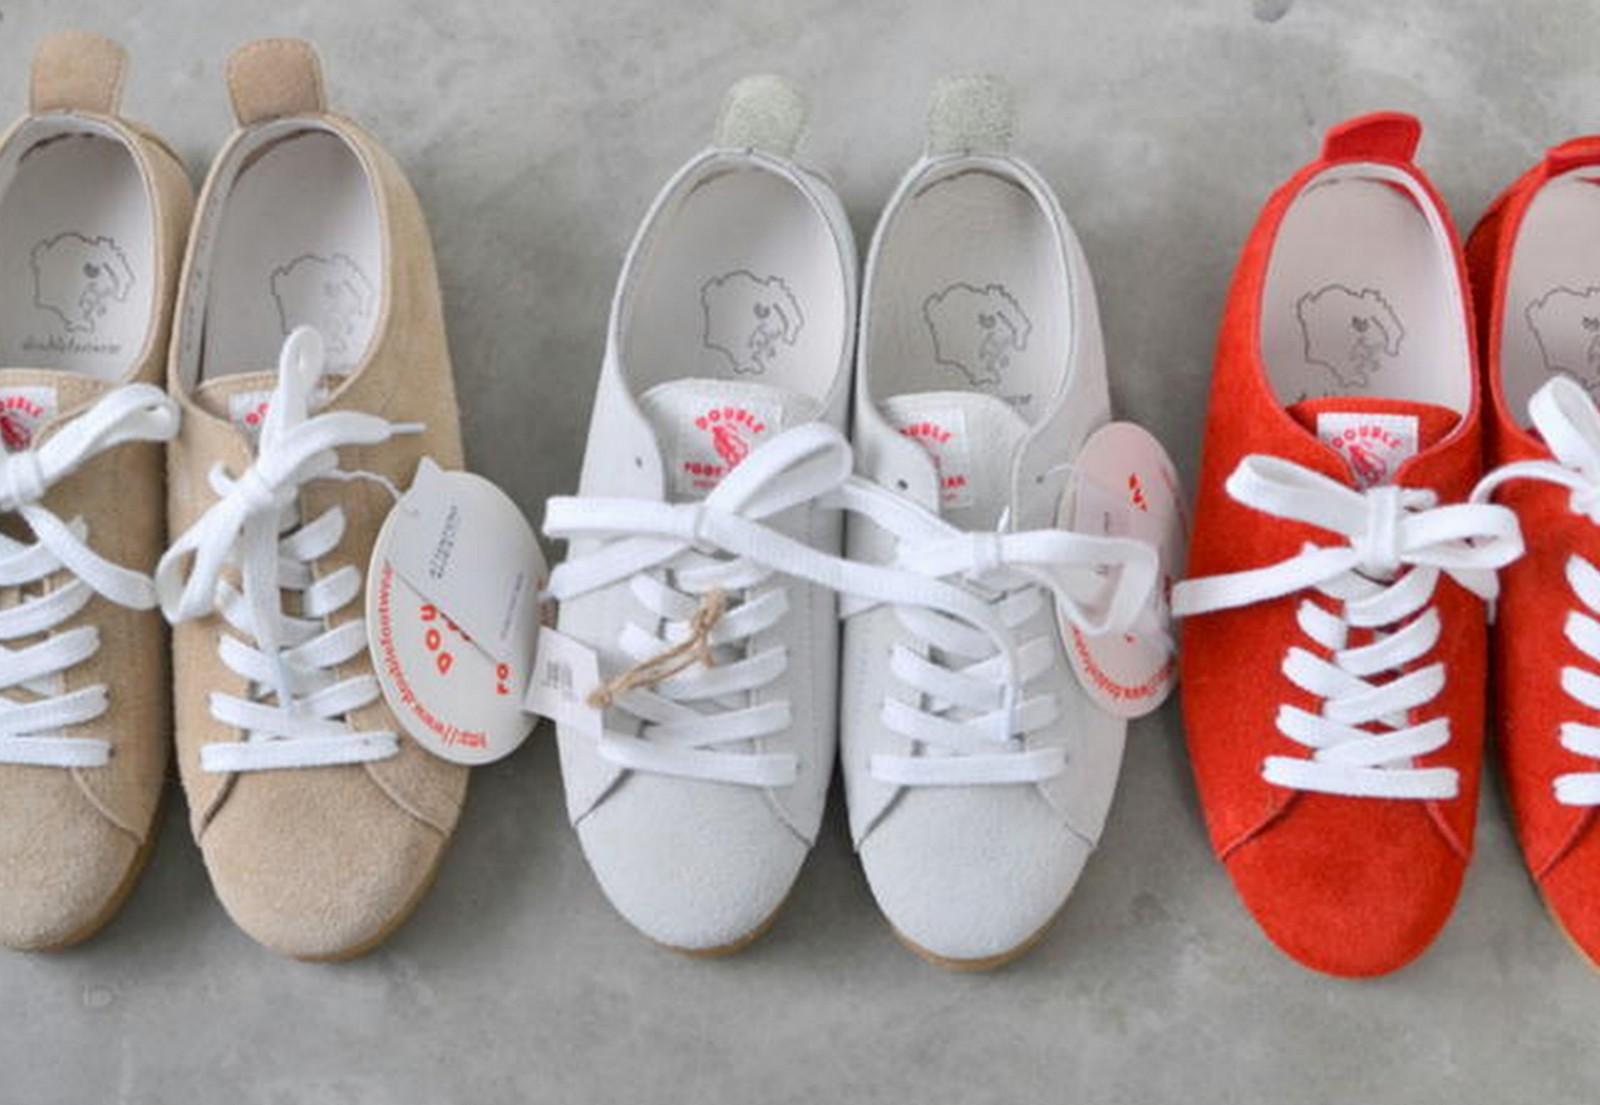 【予約アイテム】DOUBLE FOOT WEAR ダブルフットウェア Hermannハーマン 予約アイテム 送料無料 全3色 シューズ 靴 小さいサイズ 大きいサイズ 完全受注生産 日本製 男女兼用 ユニセックス